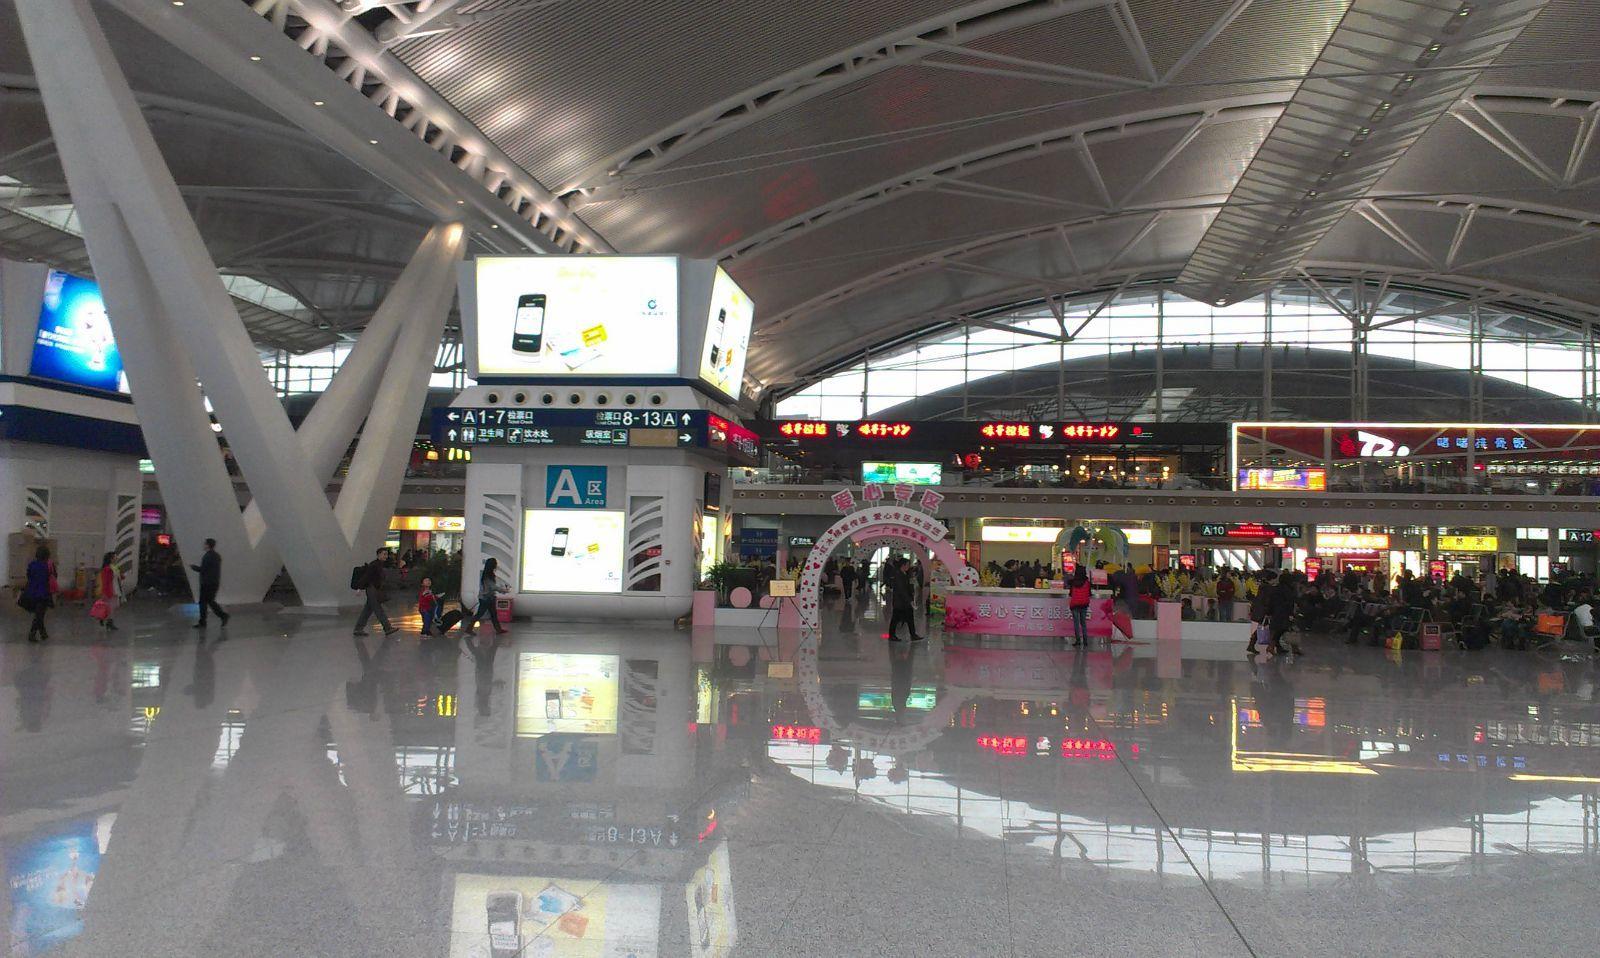 到了贵阳北站是3点多了,做261去贵阳火车站(下了高铁出站的时候,公交图片